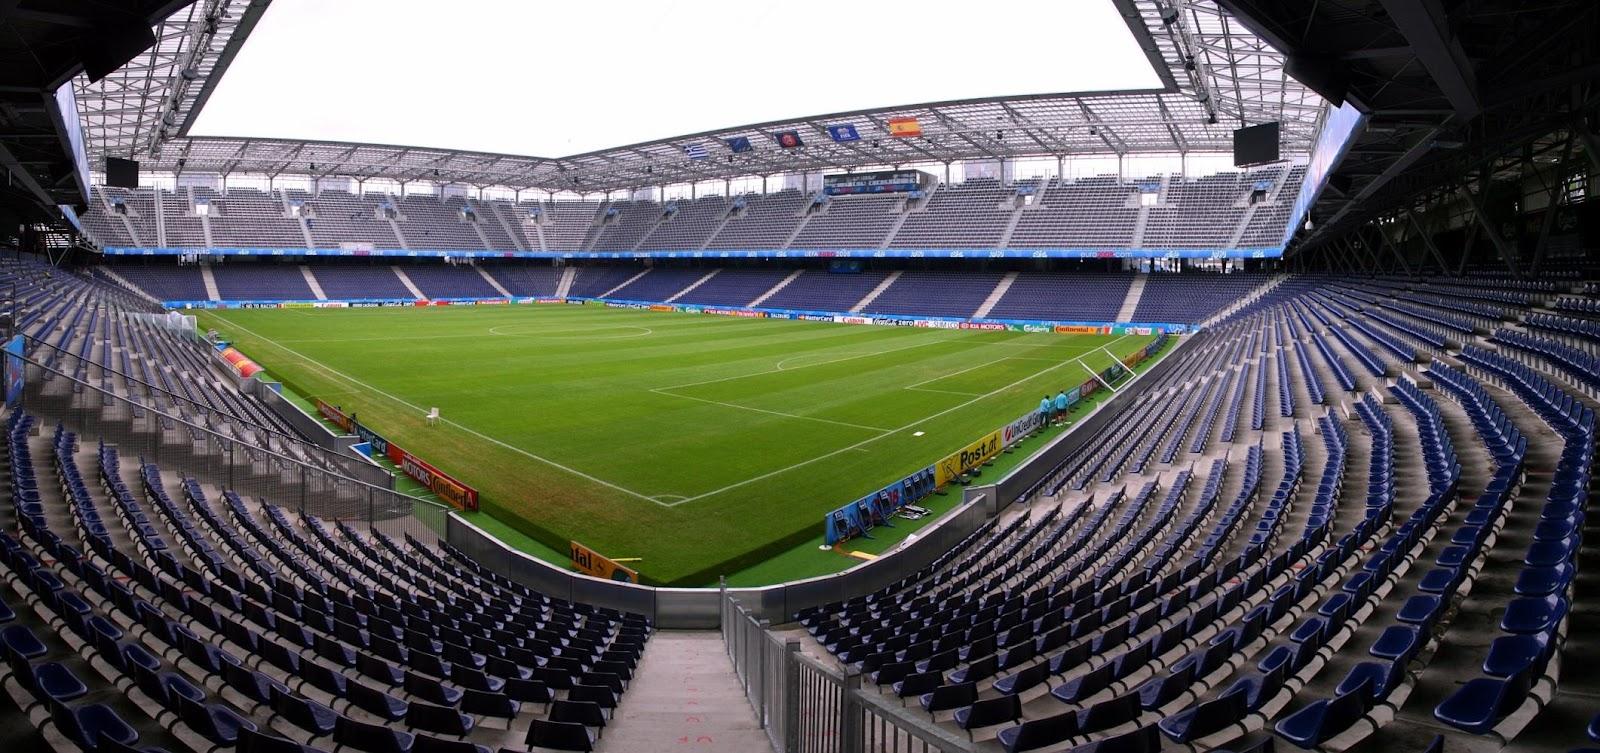 http://upload.wikimedia.org/wikipedia/commons/f/f5/EM-Stadion_Wals-Siezenheim_zur_Euro.jpg